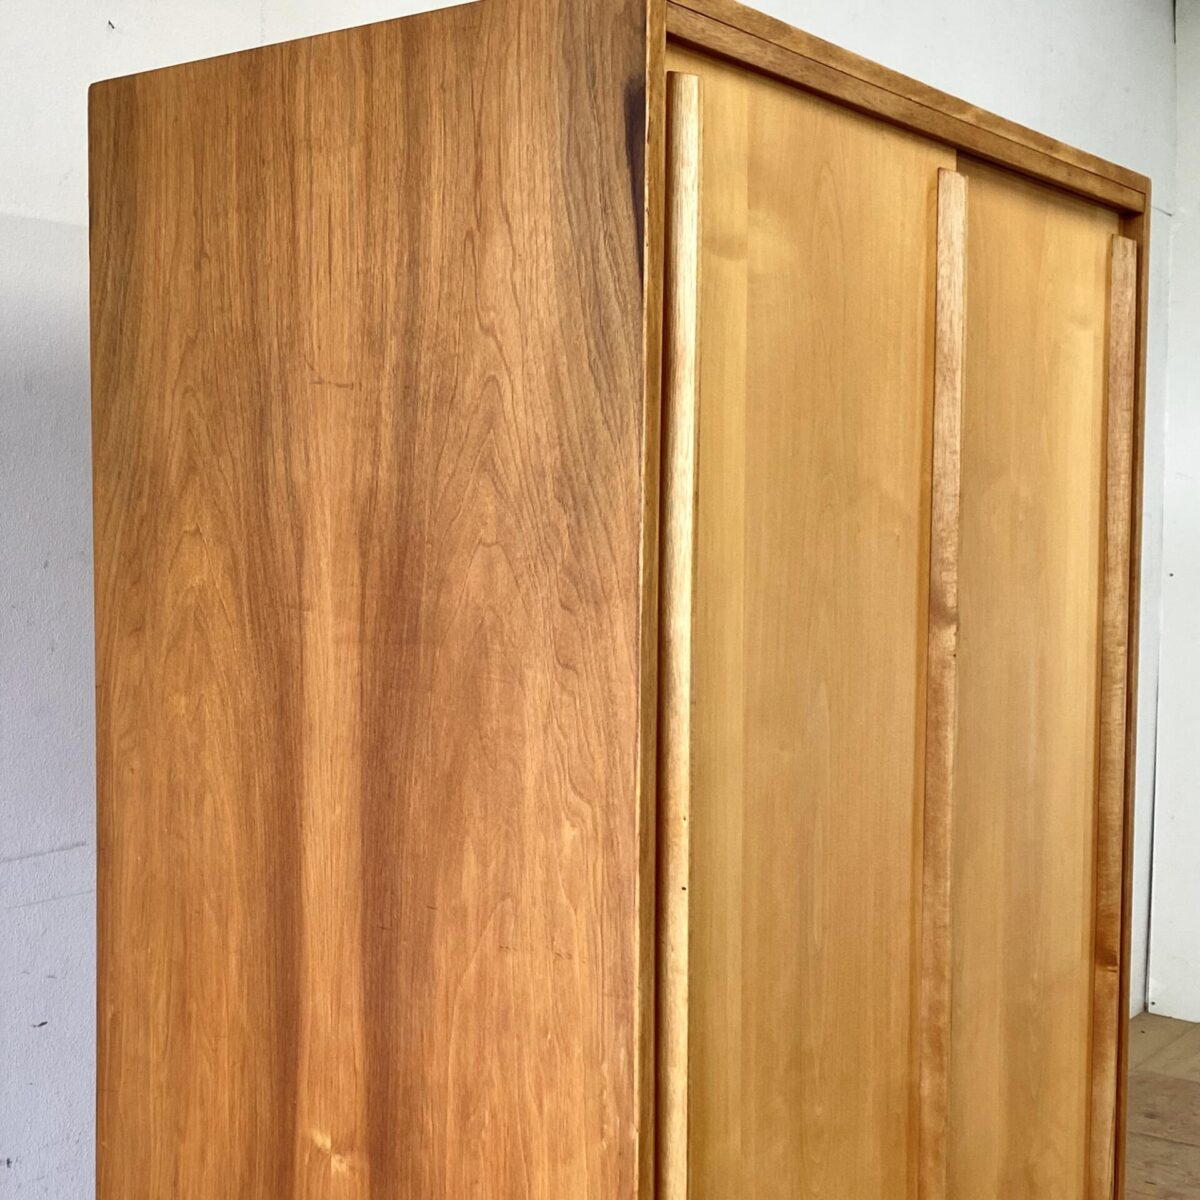 Deuxieme.shop midcentury pavatex Schrank Swiss Design. Kleiderschrank mit Schiebetüren aus den 50er/60er Jahren. 166x100cm tiefe 55cm. Der Schrank ist komplett überarbeitet, Holzoberflächen mit Naturöl behandelt. Aussen Nussbaum furniert, Schiebetüren aus Ahornholz. Innen ein Tablar mit Kleiderstange, weitere Tablare sind nach Absprache möglich.